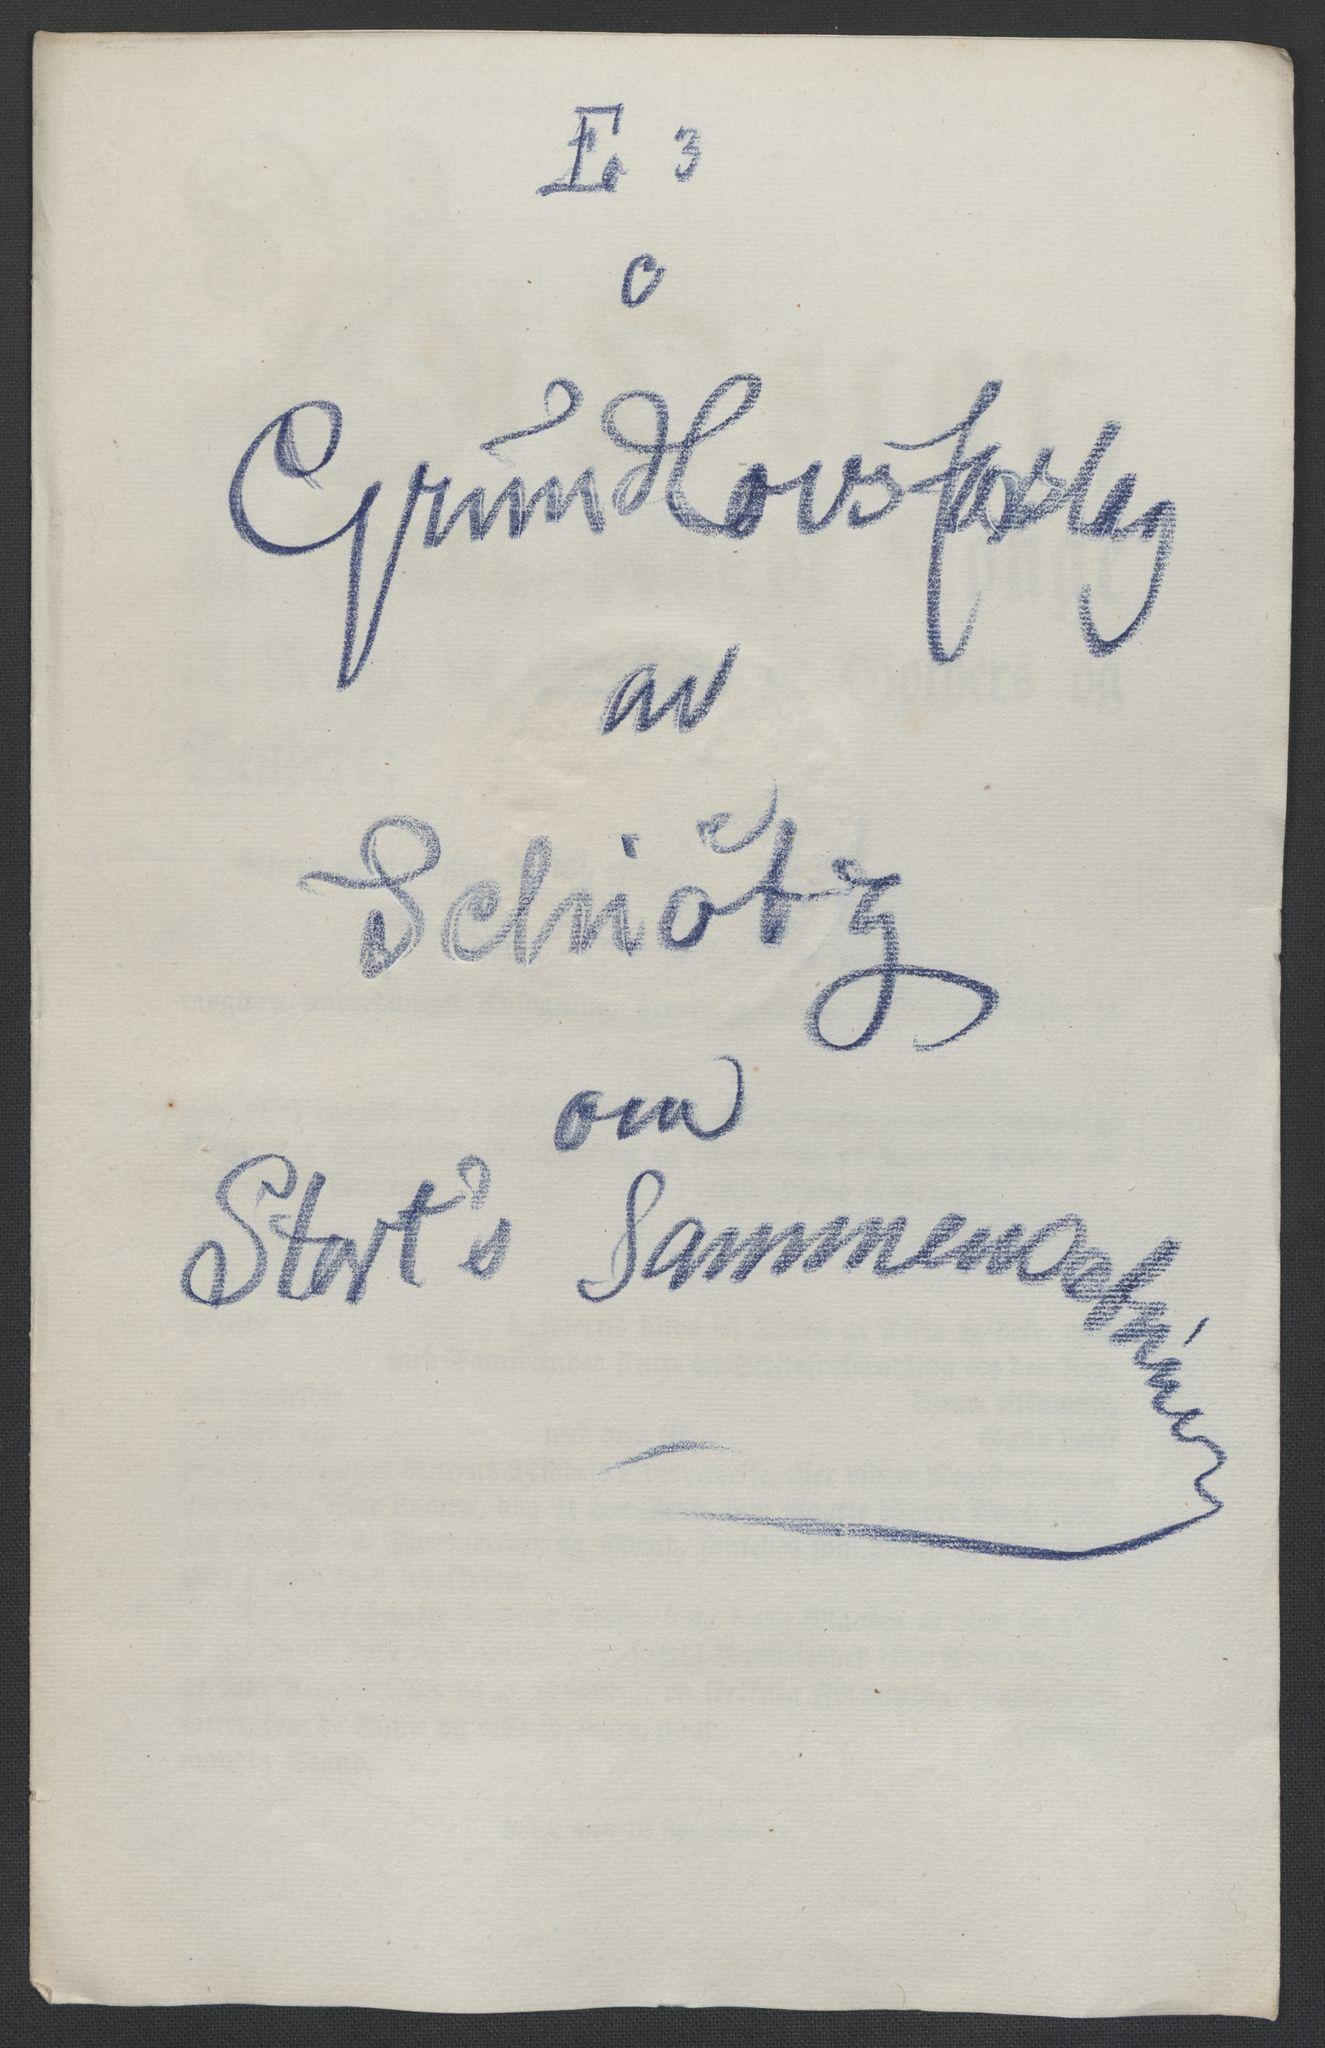 RA, Christie, Wilhelm Frimann Koren, F/L0005, 1815-1816, s. 129